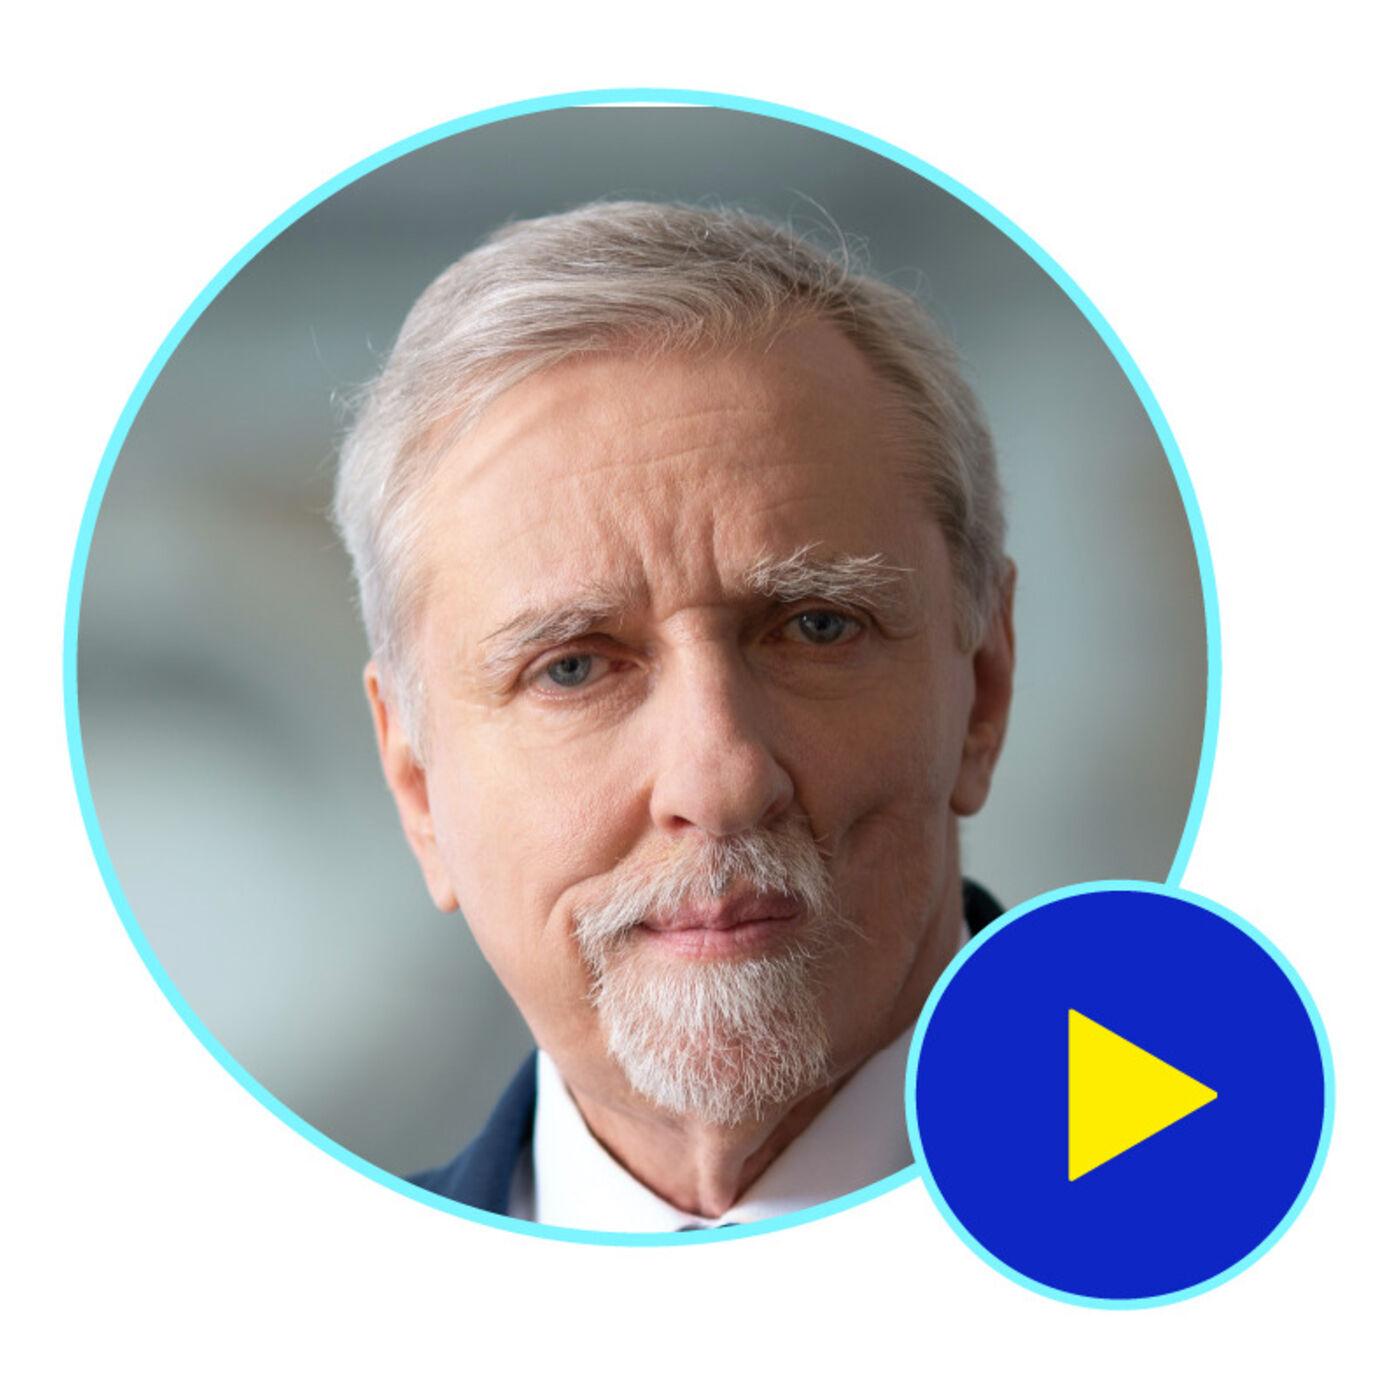 Paradoks pandemii: mamy więcej czasu na innowacyjne myślenie - gość Wojciech Kamieniecki